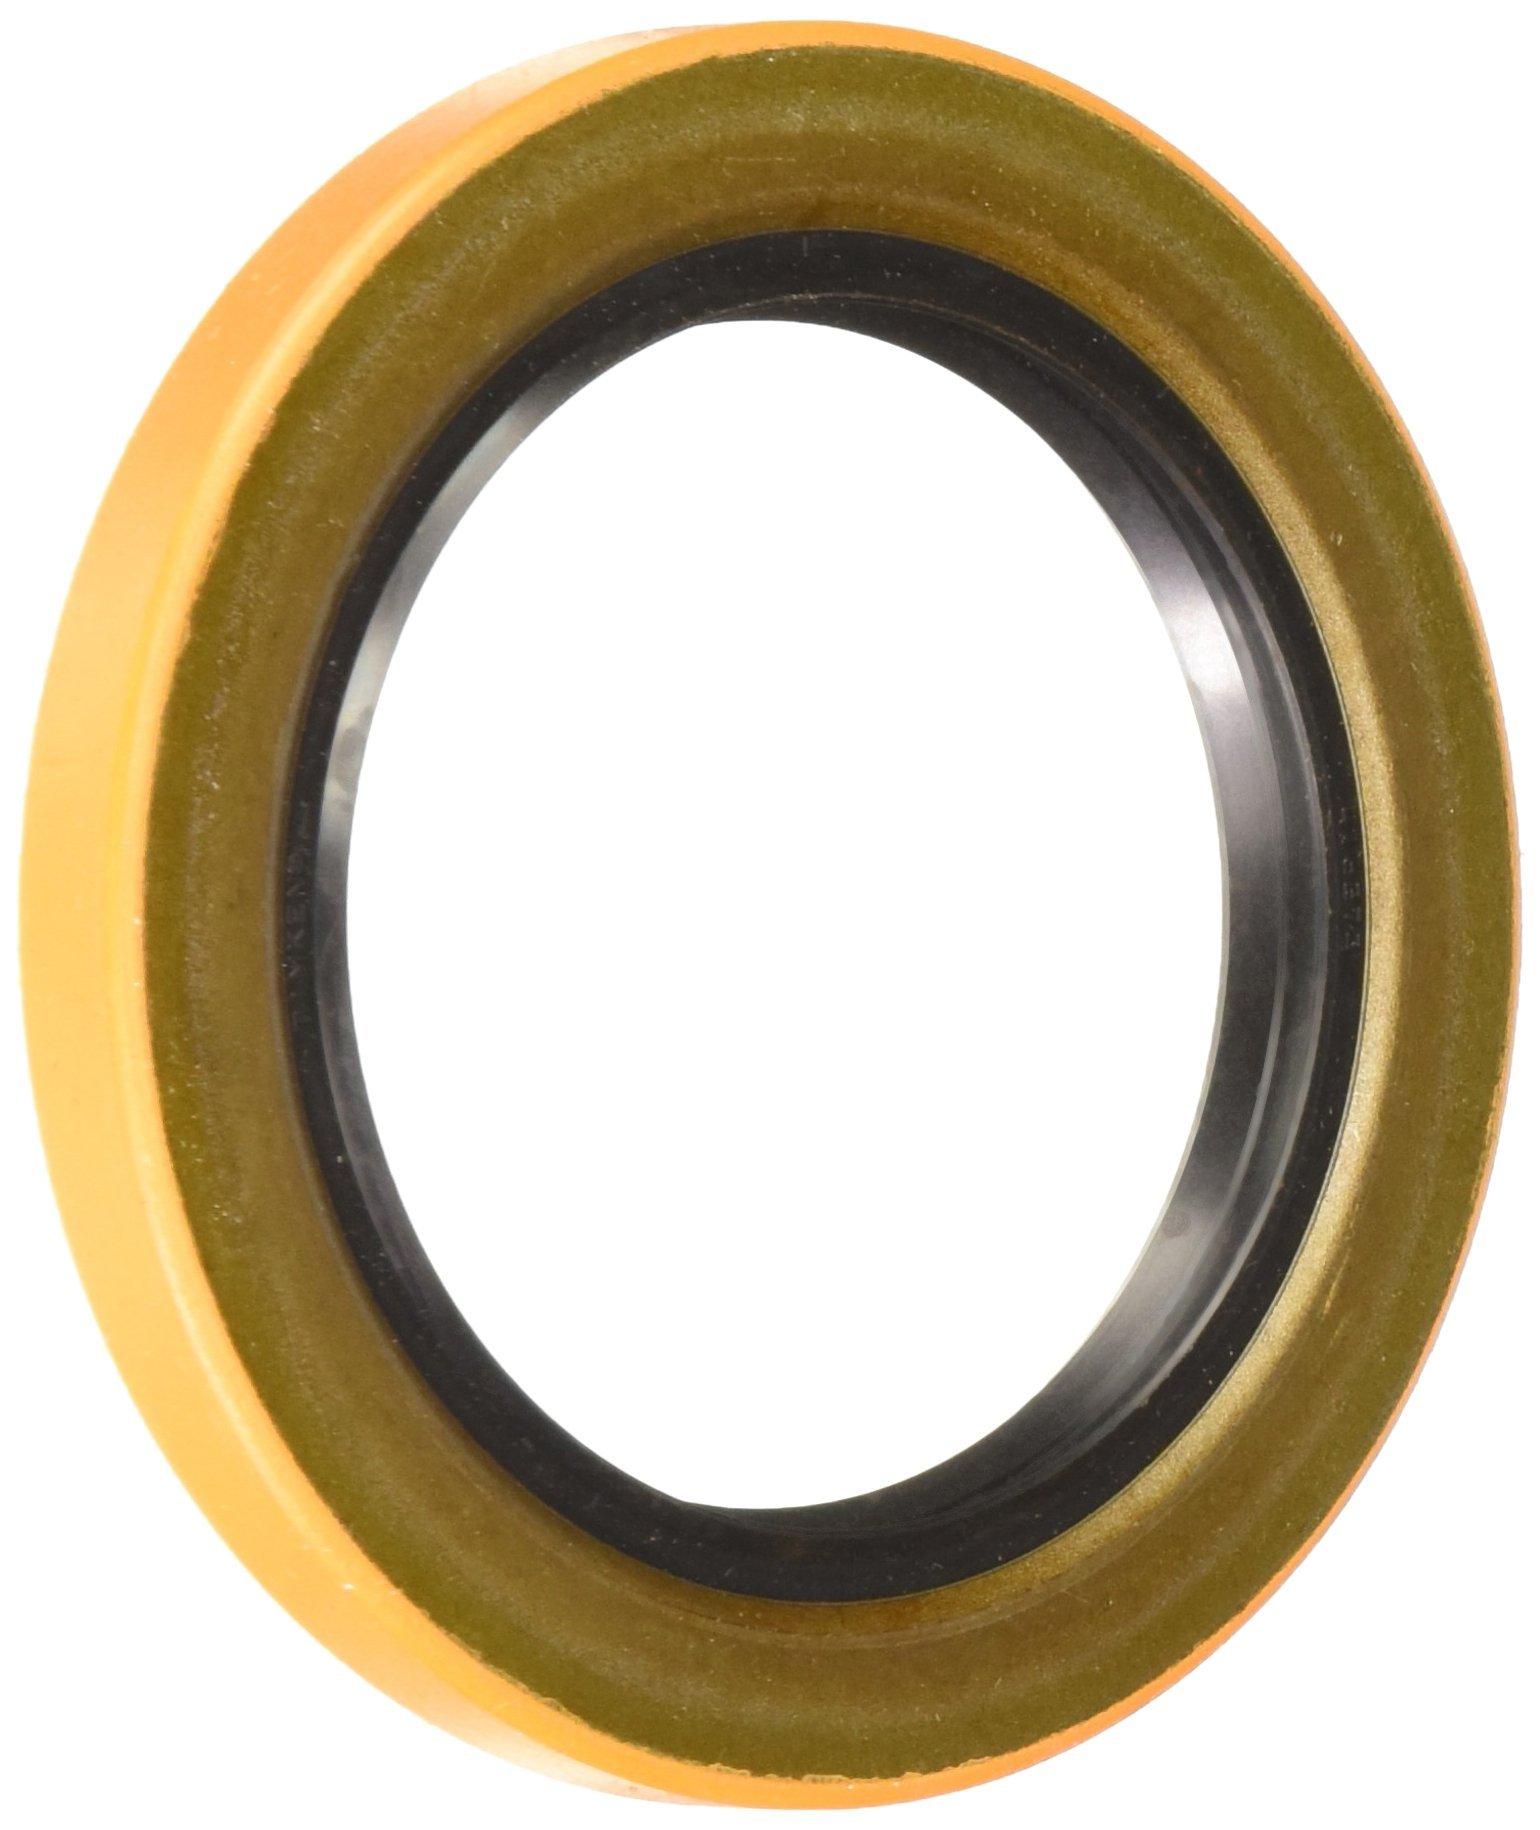 Timken 416273 Seal